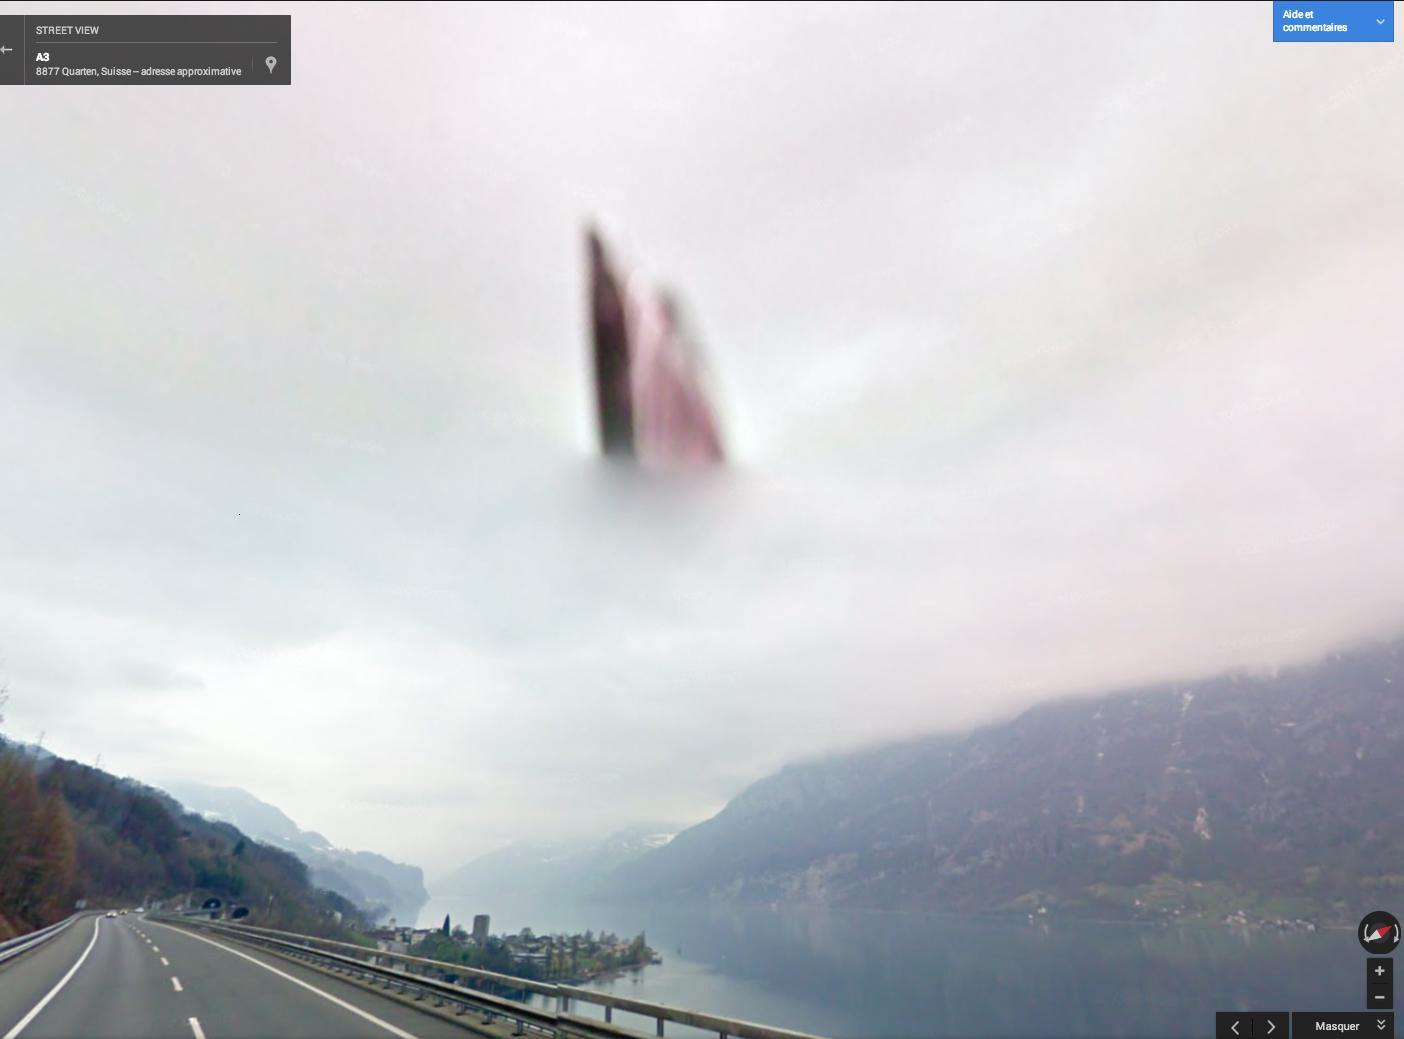 dieu-google-street-view